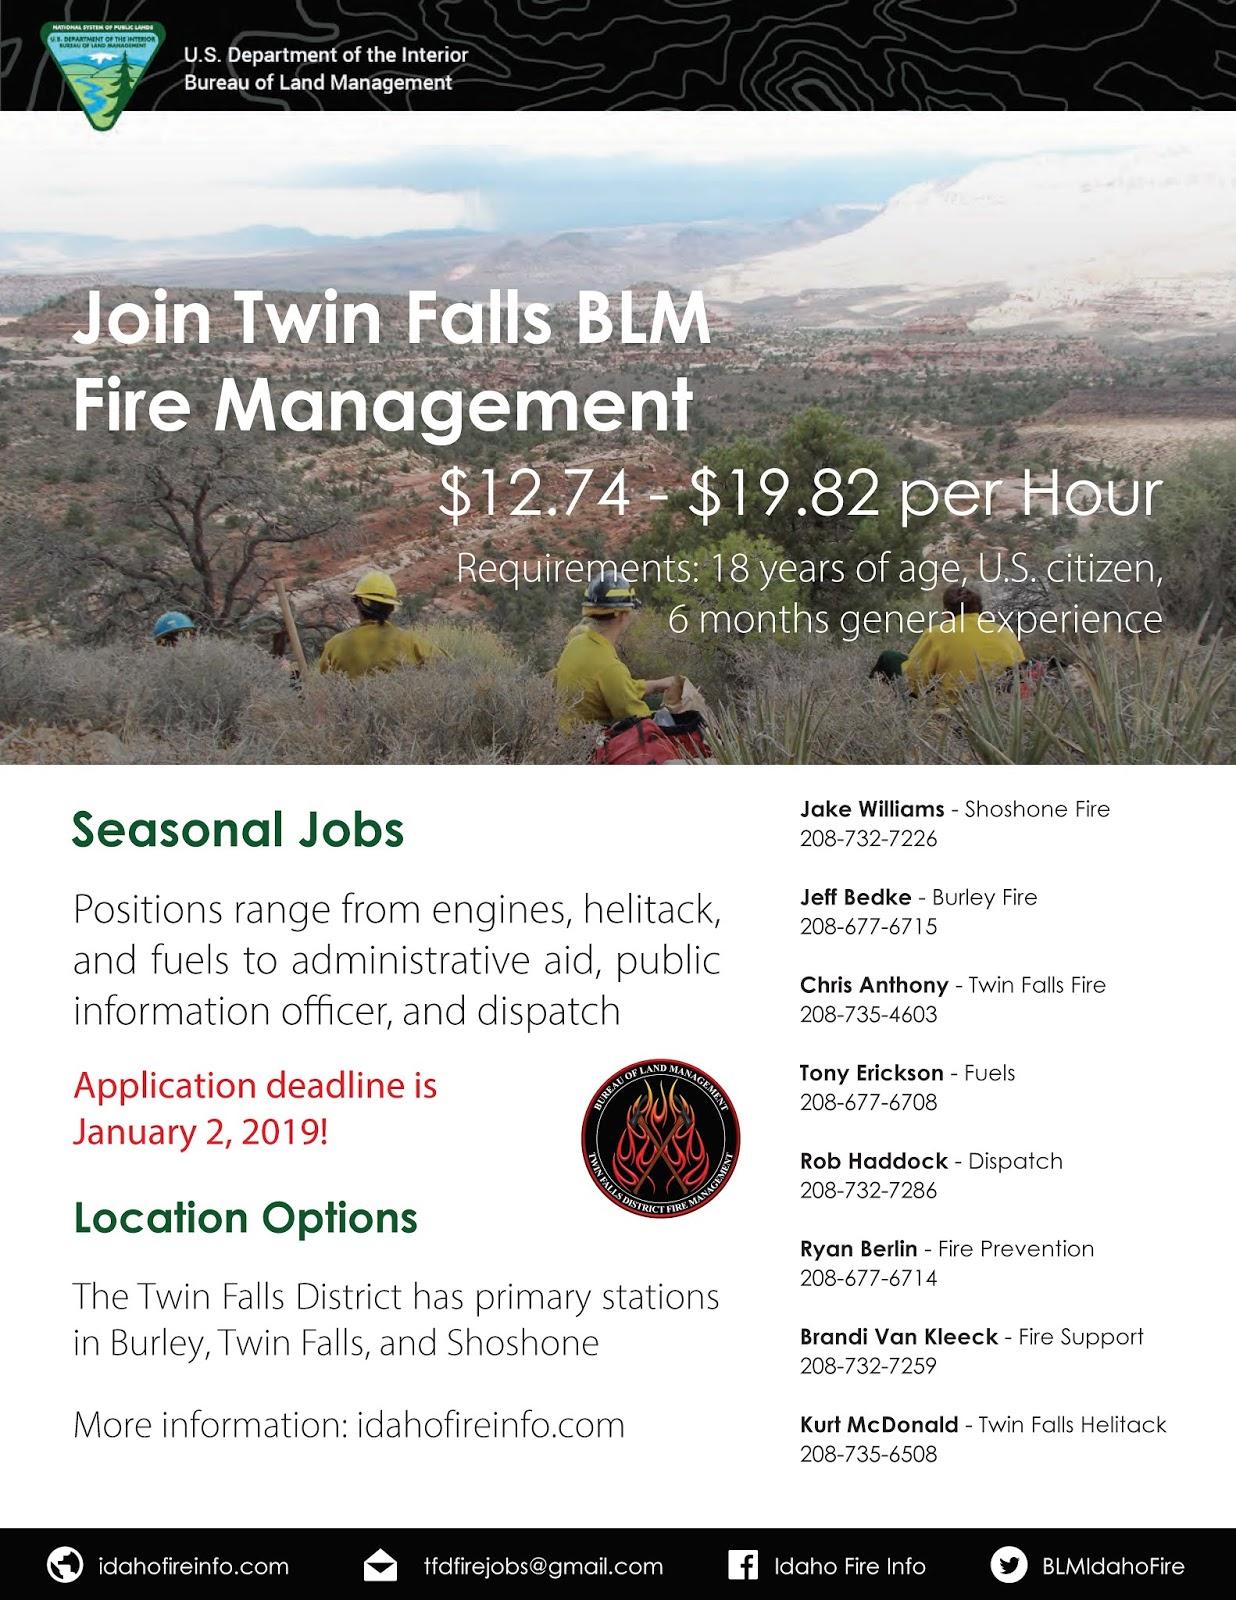 Idaho Fire Information